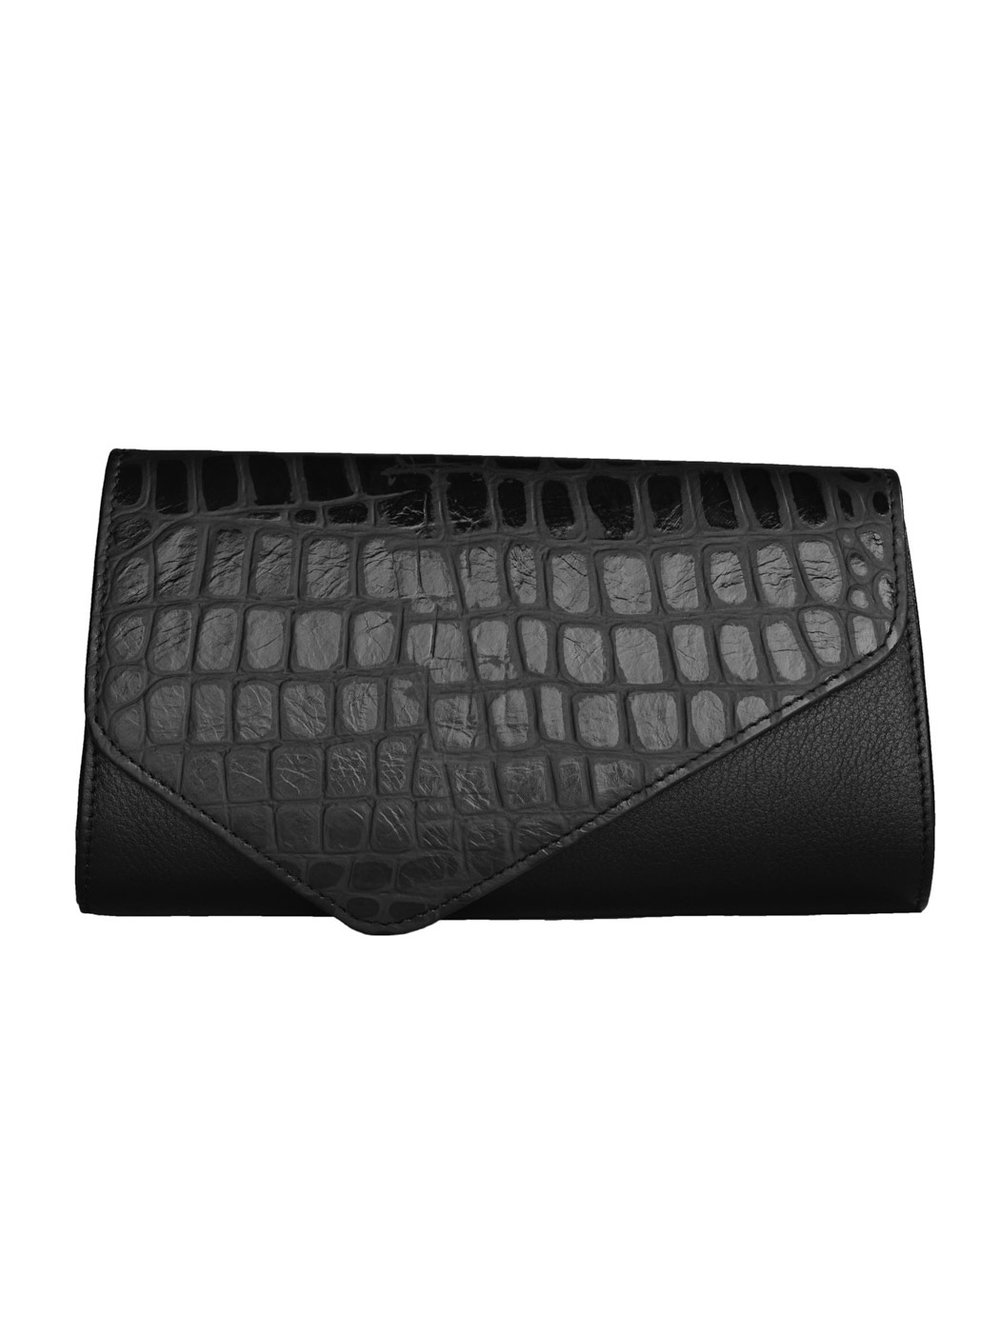 Clutch negro - $170